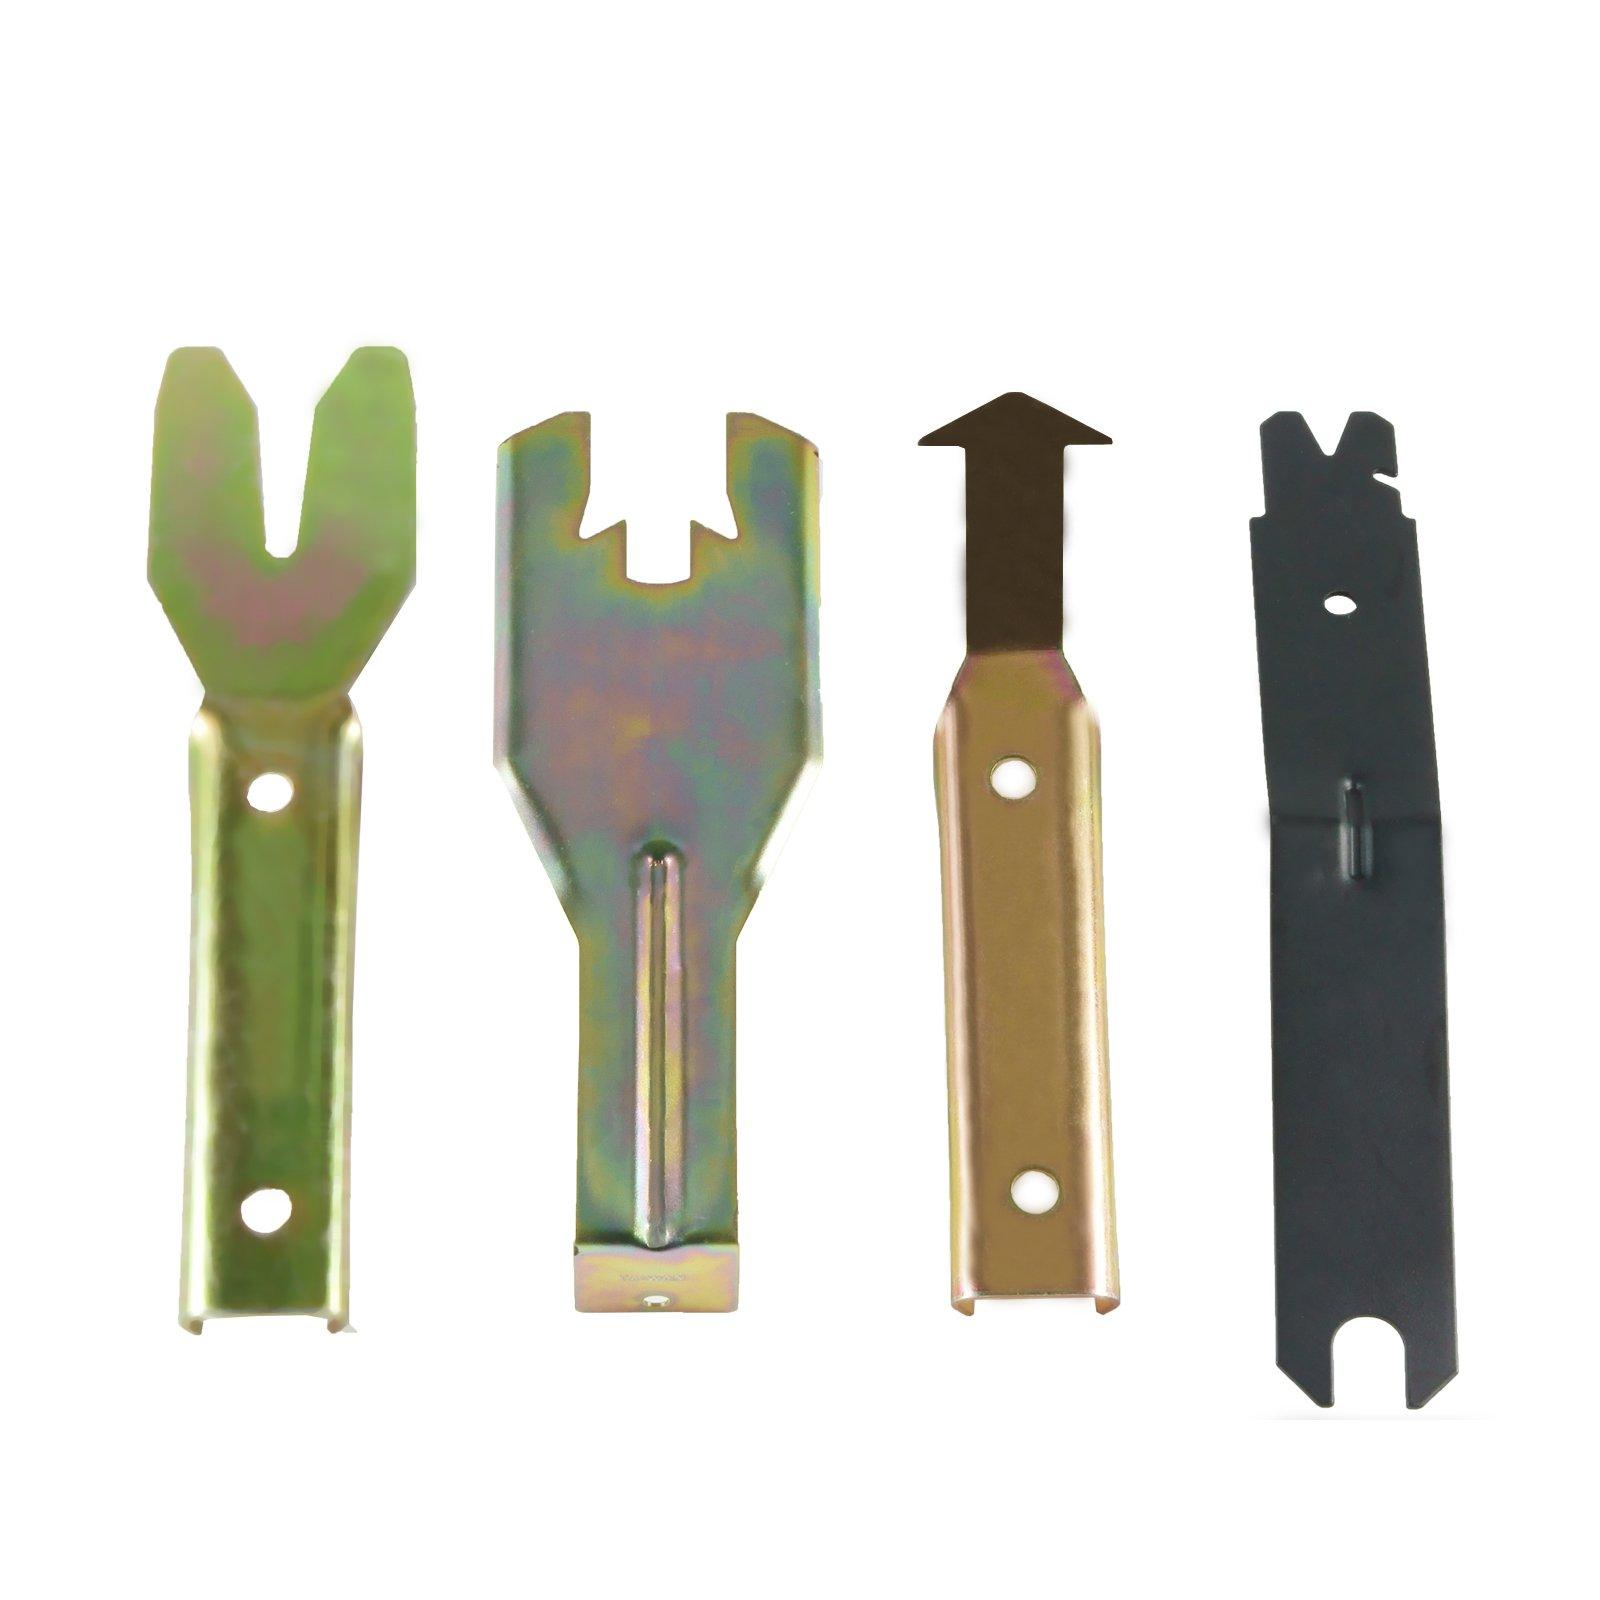 EWK Windshield, Door Handle, & Window Crank Remover Tool Set Body Panel Clip Spring